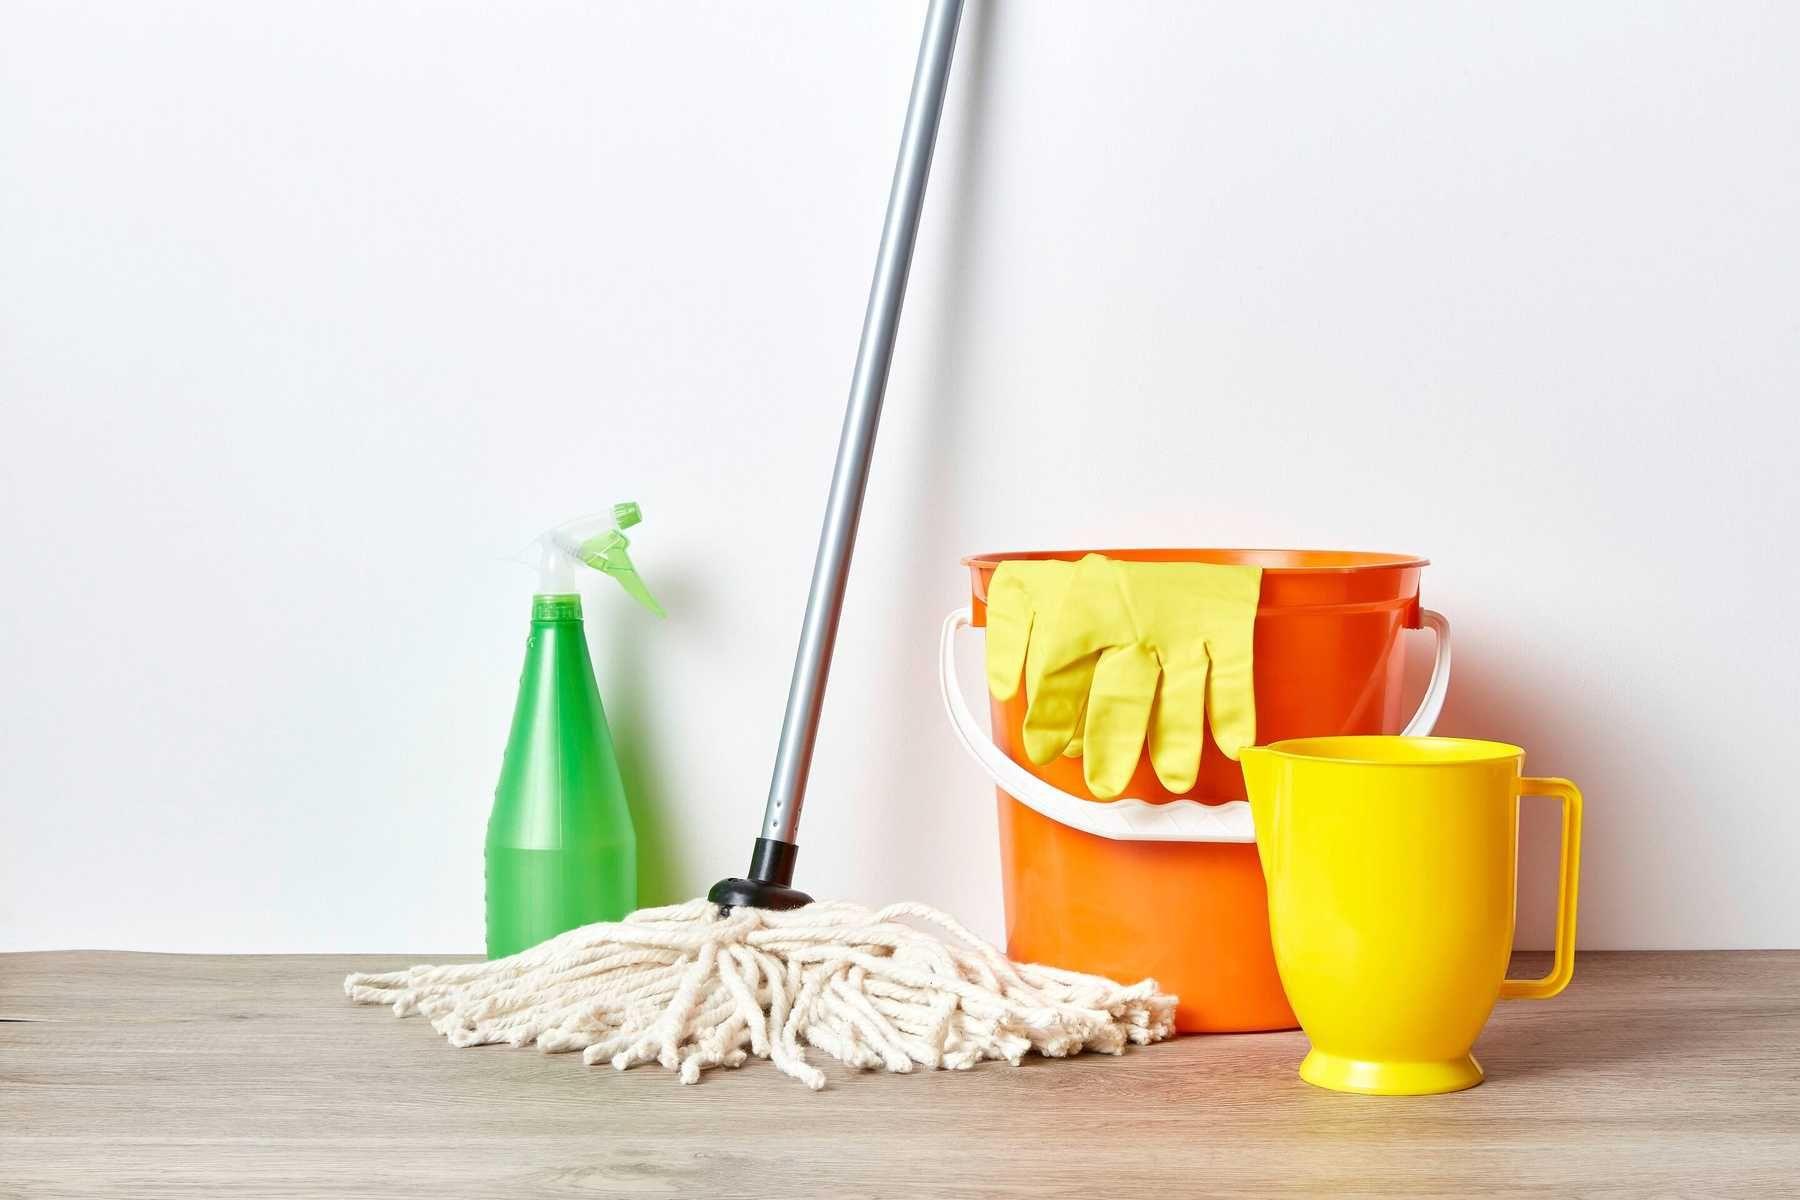 Cách lau nhà sạch bóng - dụng cụ lau sàn cần chuẩn bị